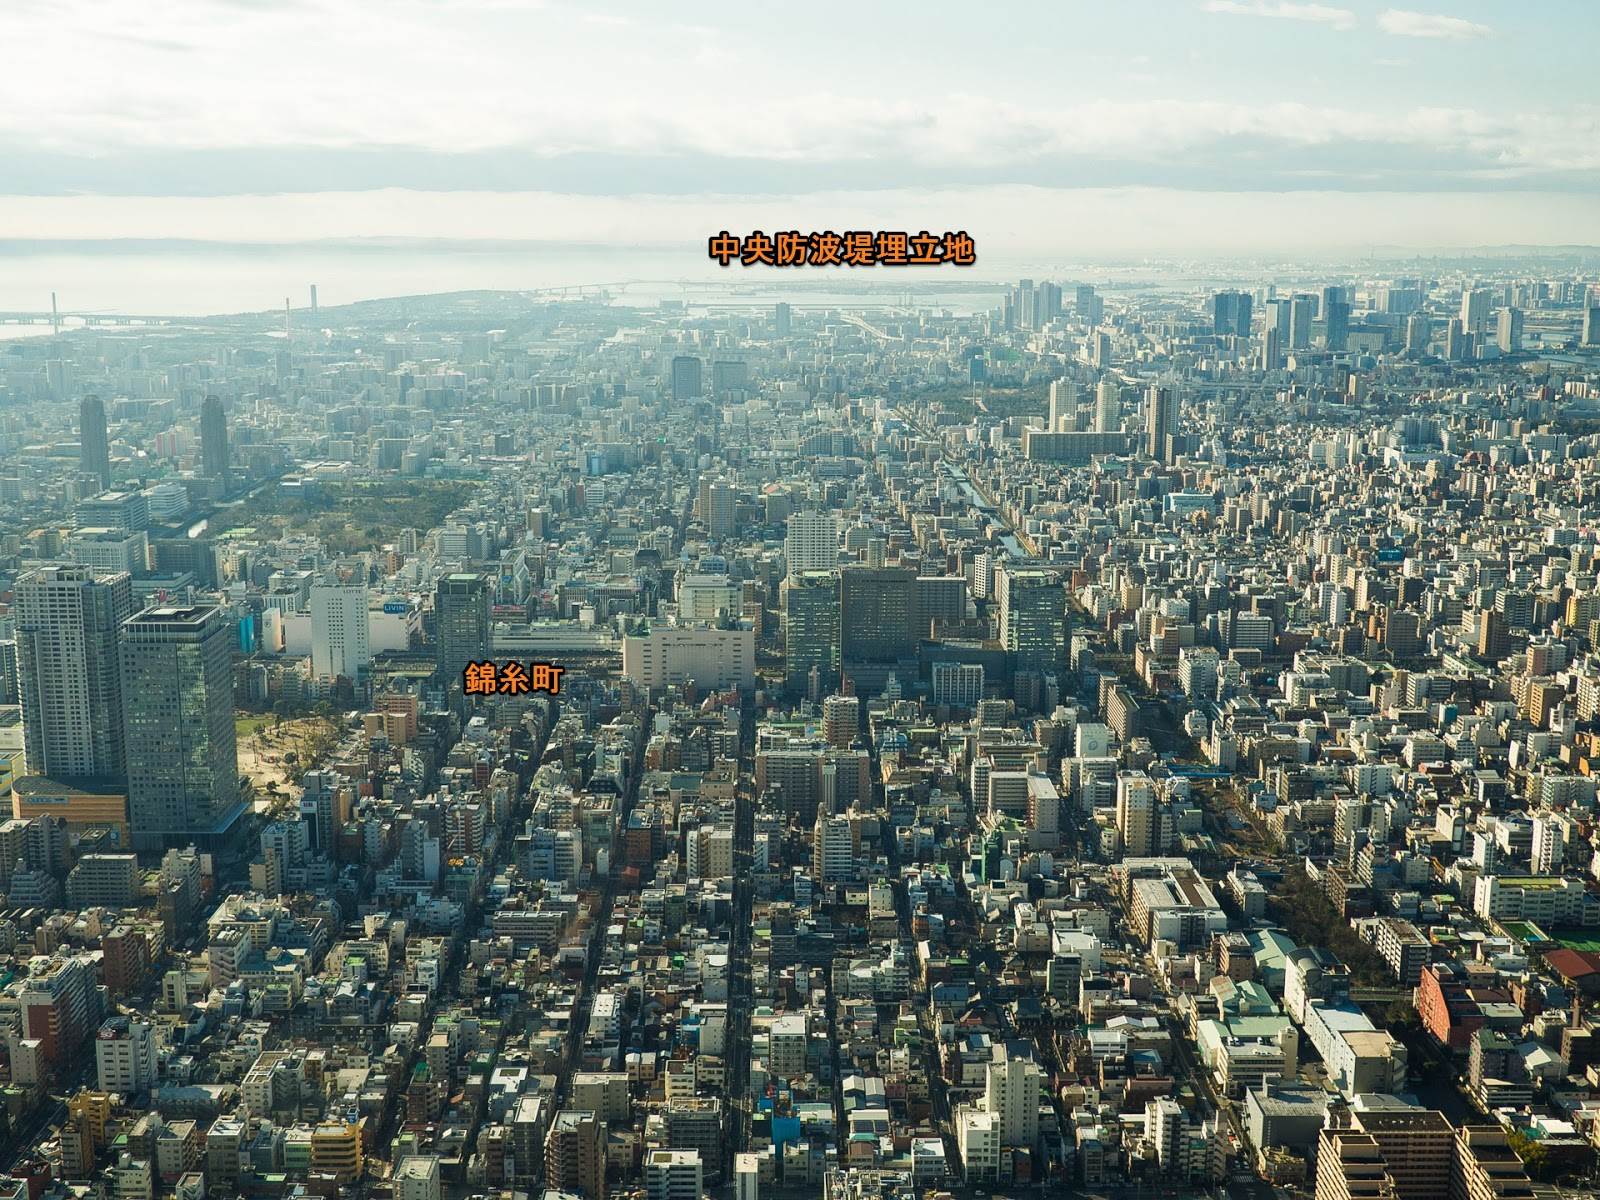 東京スカイツリー展望デッキから、南方面(深川方面)の風景